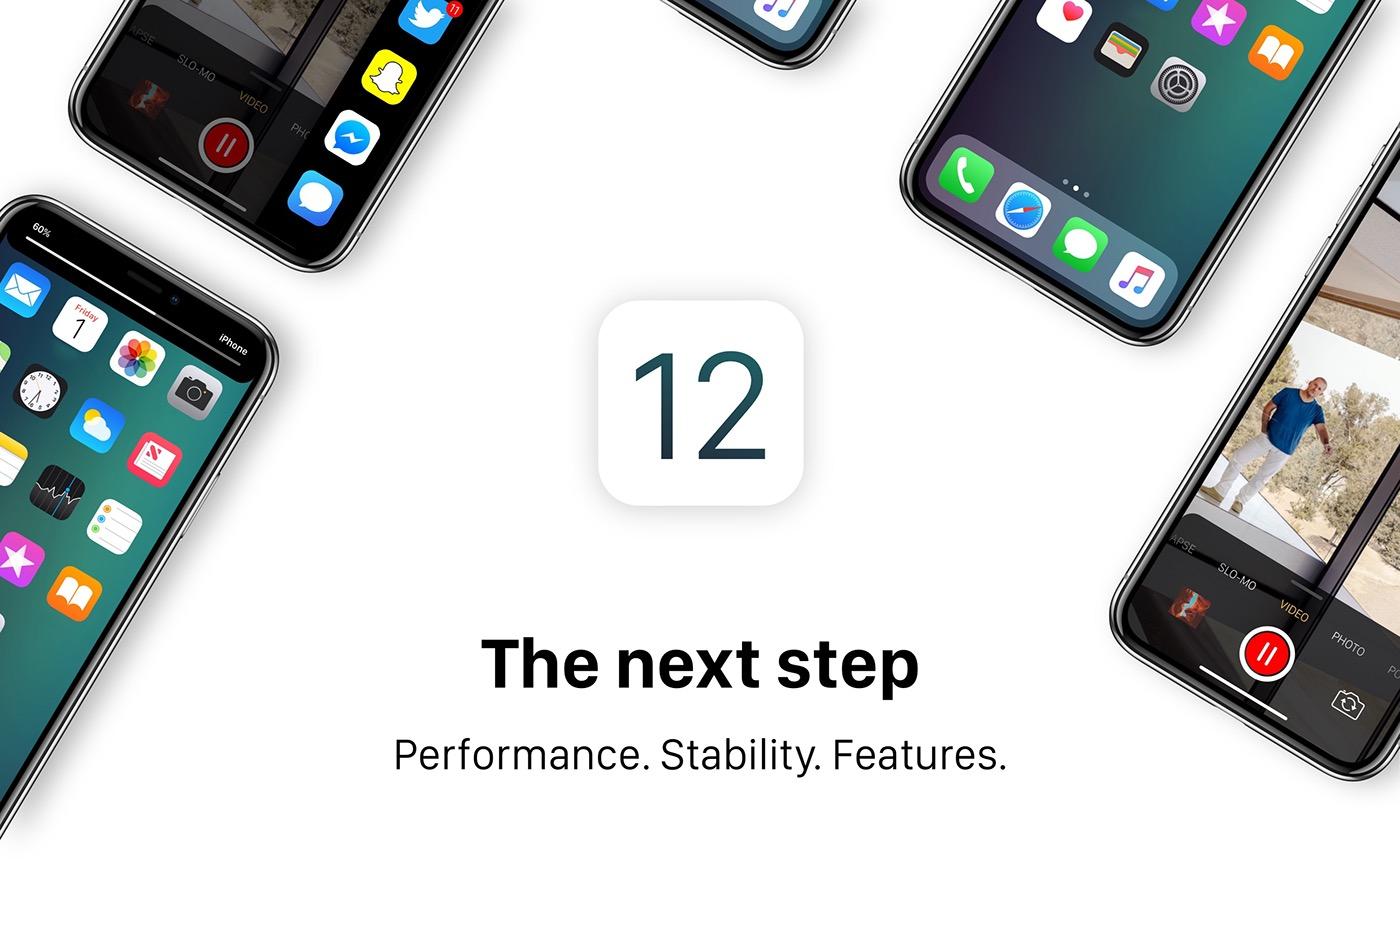 เผยคอนเซ็บต์ iOS 12 และความสวยงามของระบบปฏิบัติรูปแบบใหม่ที่เราจะได้พบกันเร็ว ๆ นี้